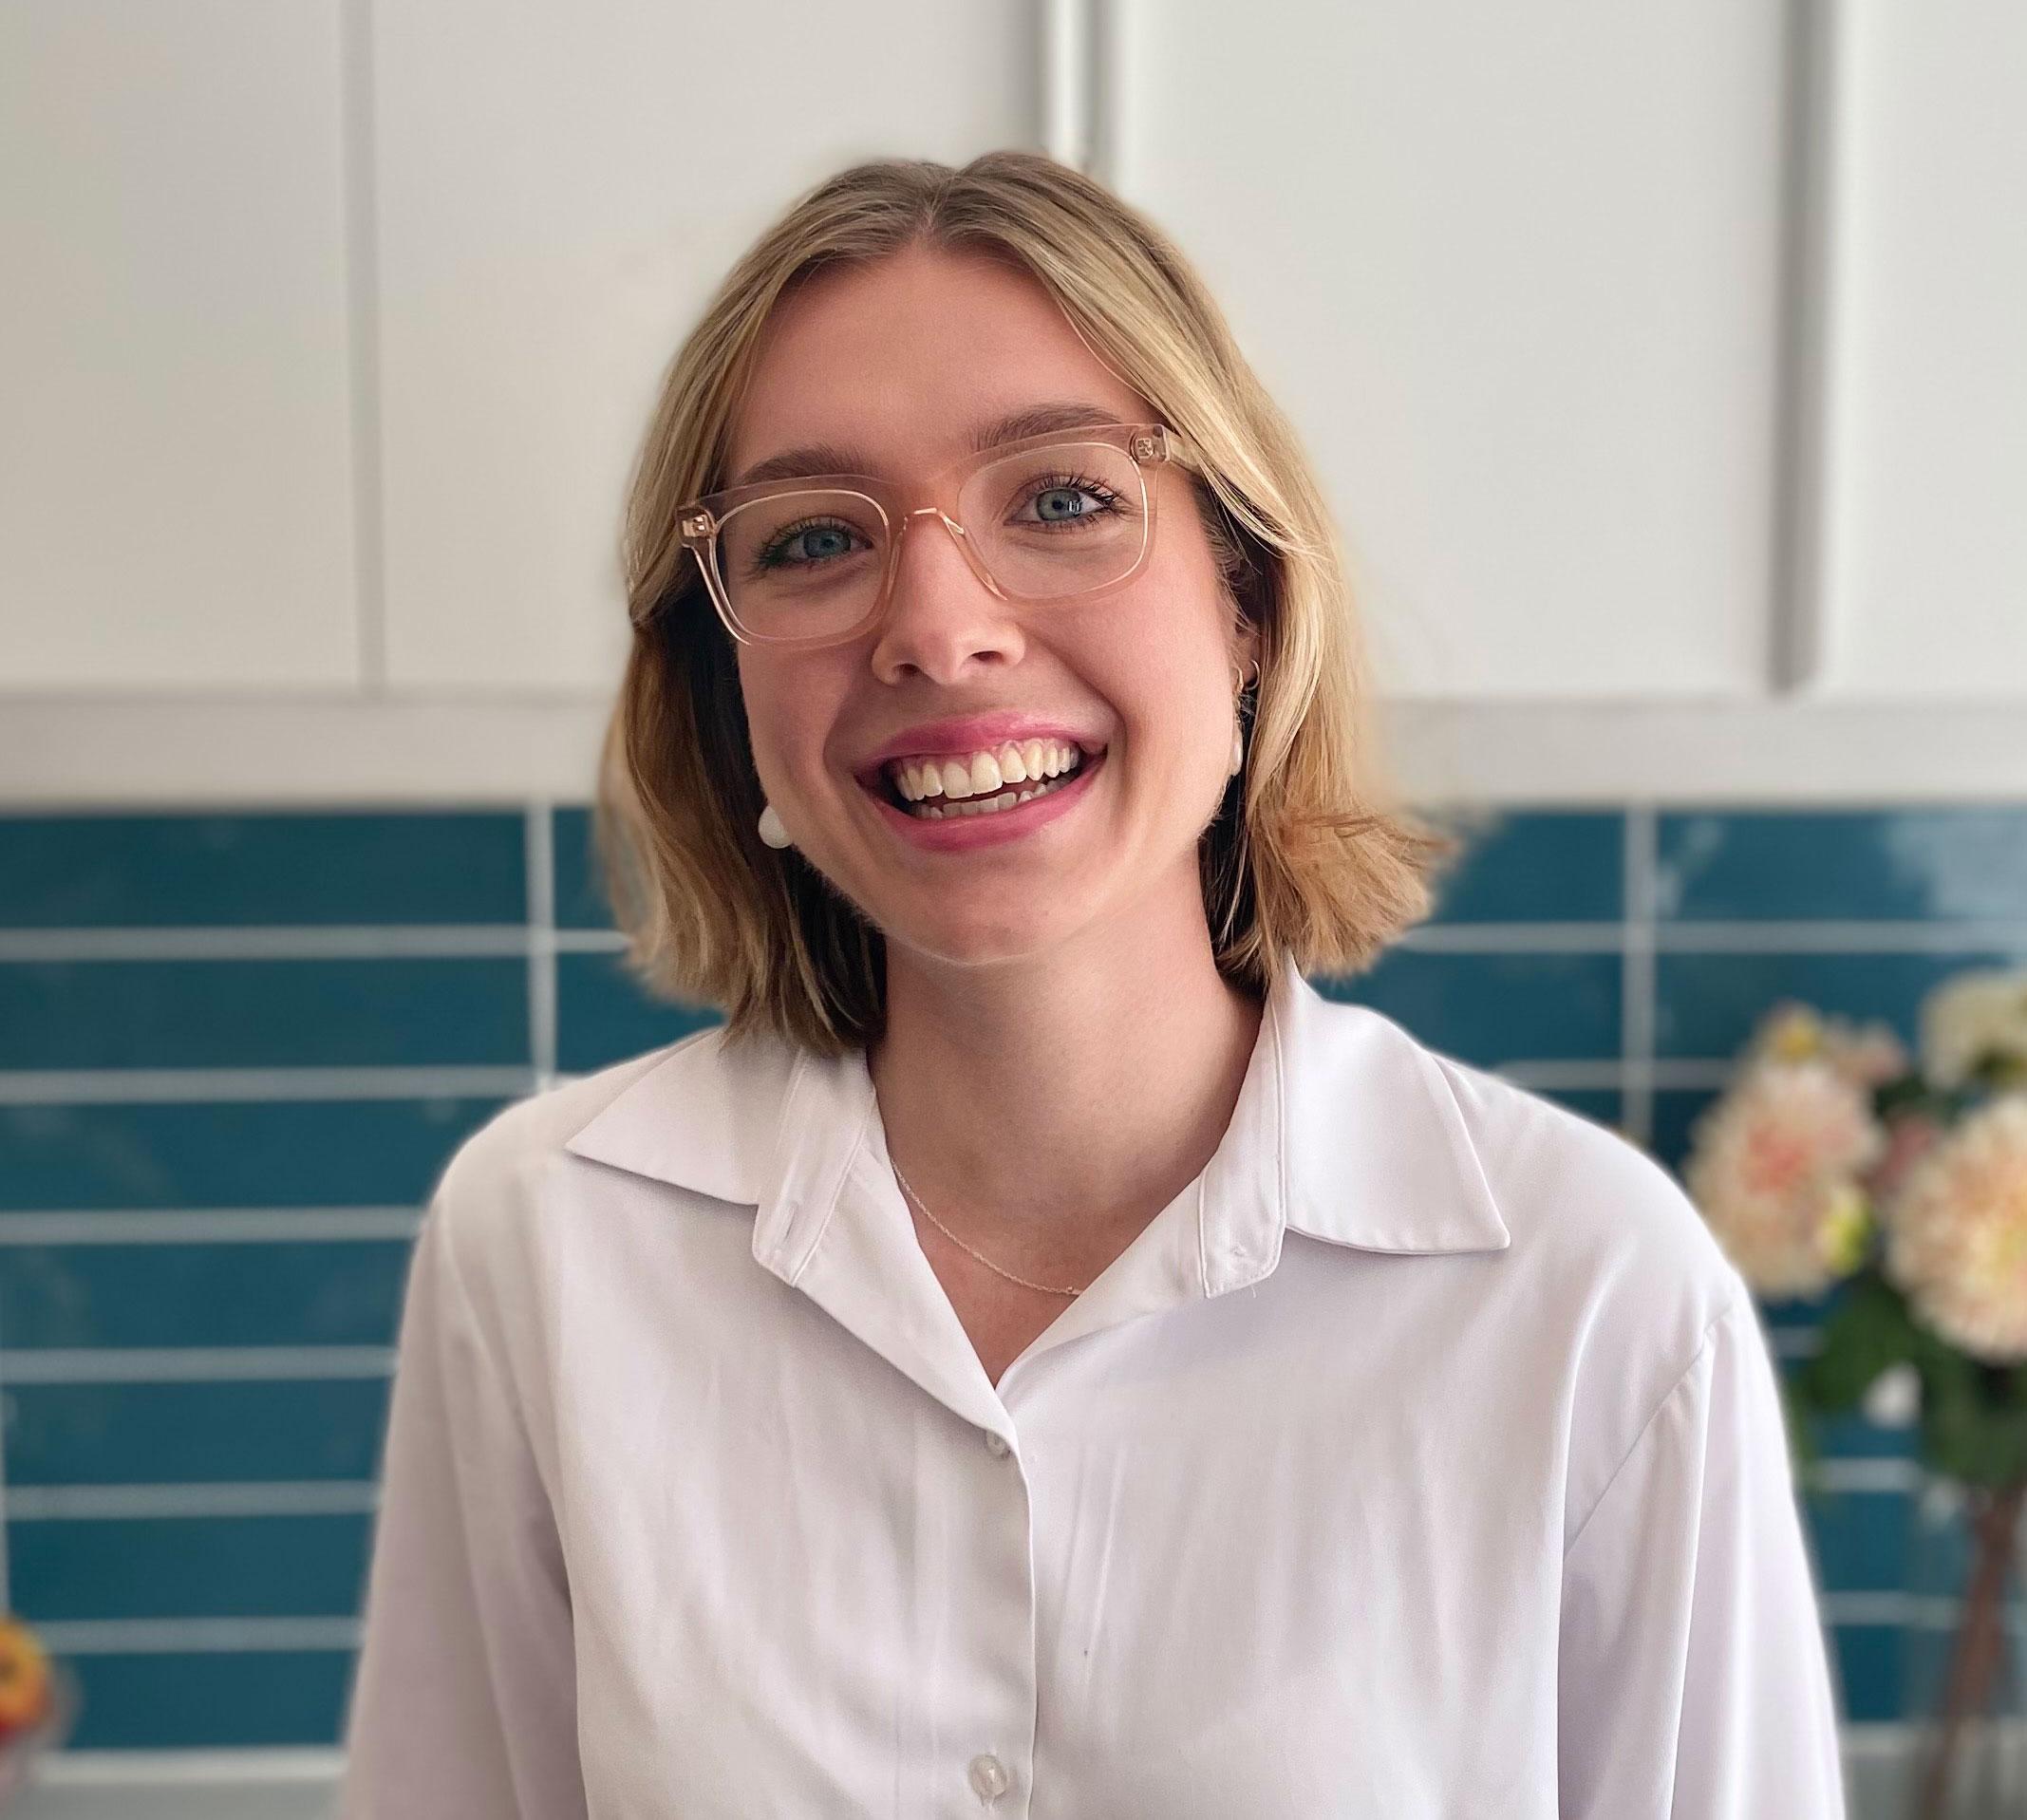 Lauren Parchi